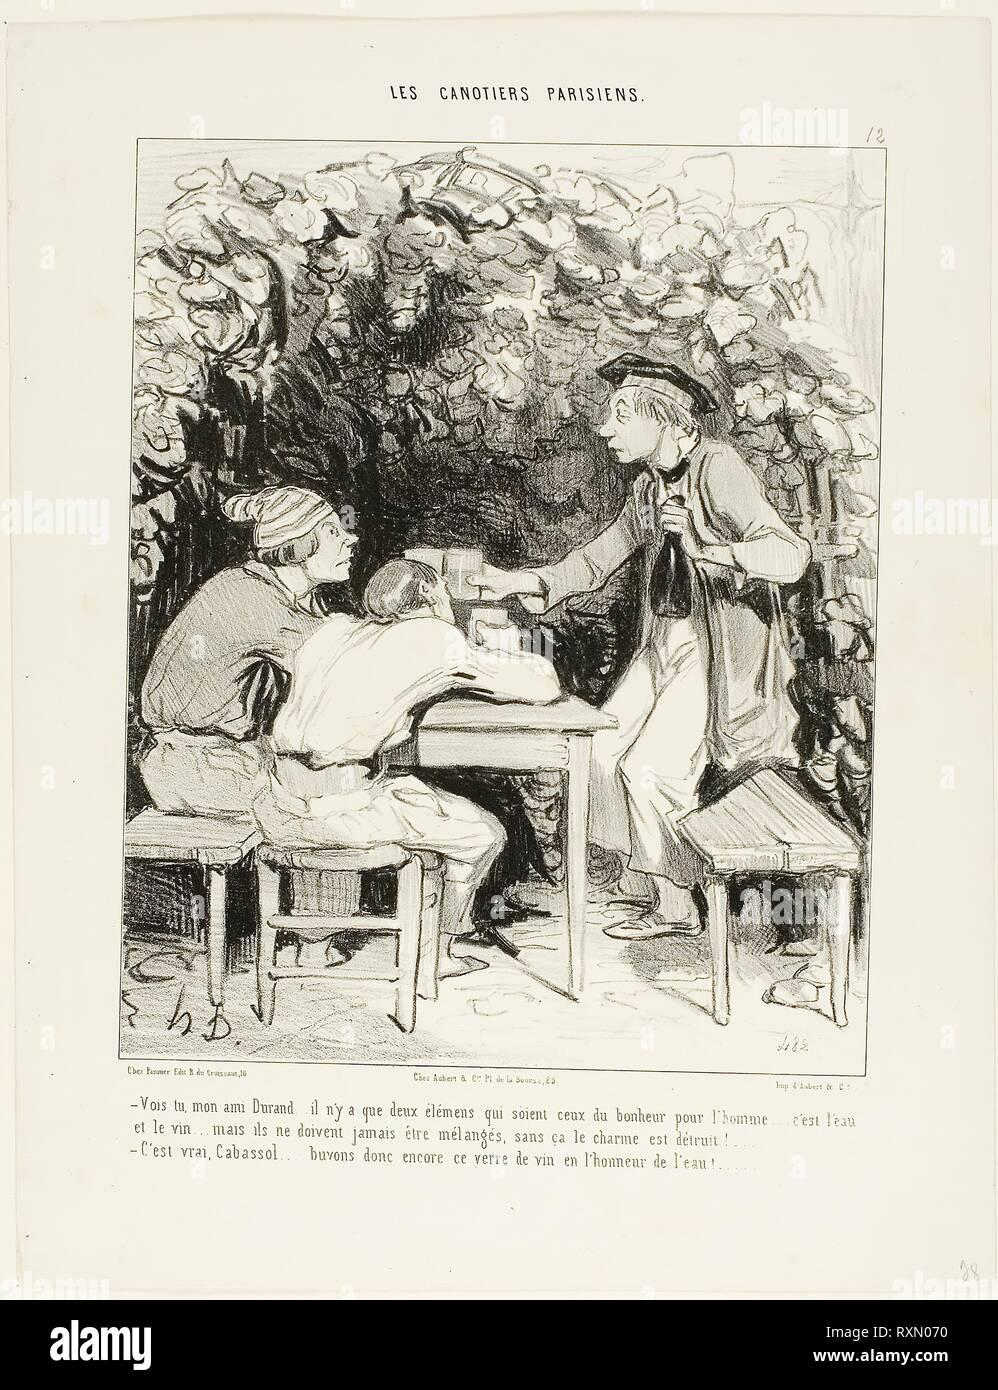 """'- Vedi, il mio amico Durand.... non ci sono solo due componenti importanti della felicità per un uomo: acqua e vino... ma non devono mai essere mescolati, altrimenti non perdono il loro fascino. - Giustamente, Cabassol.... andiamo a bere un bicchiere di vino in onore dell'acqua!"""", piastra 12 da Les Canotiers Parisiens. Honoré Daumier Victorin; francese, 1808-1879. Data: 1843. Dimensioni: 244 × 201 mm (nell'immagine); 342 × 264 mm (foglio). Litografia in nero su carta bianca di qualità della carta. Provenienza: Francia. Museo: Chicago Art Institute. Immagini Stock"""